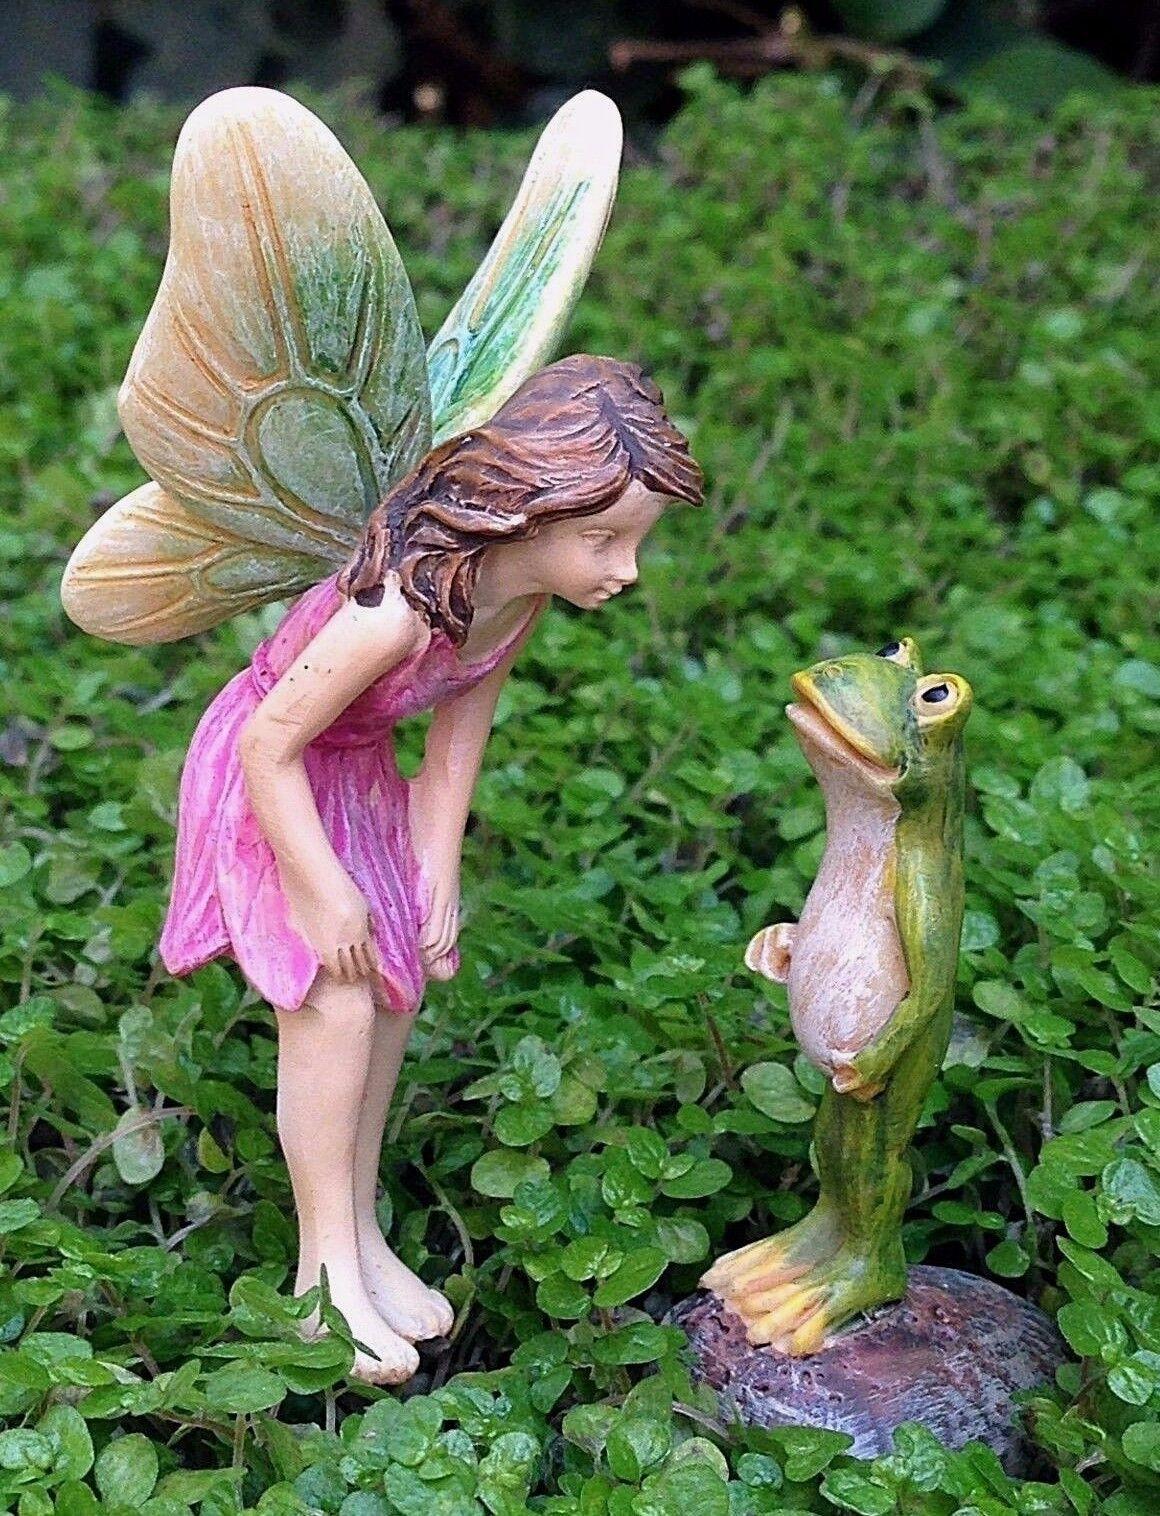 garden decor - Miniature Dollhouse FAIRY GARDEN ~ Are You Really a Prince? Girl Pick with Frog